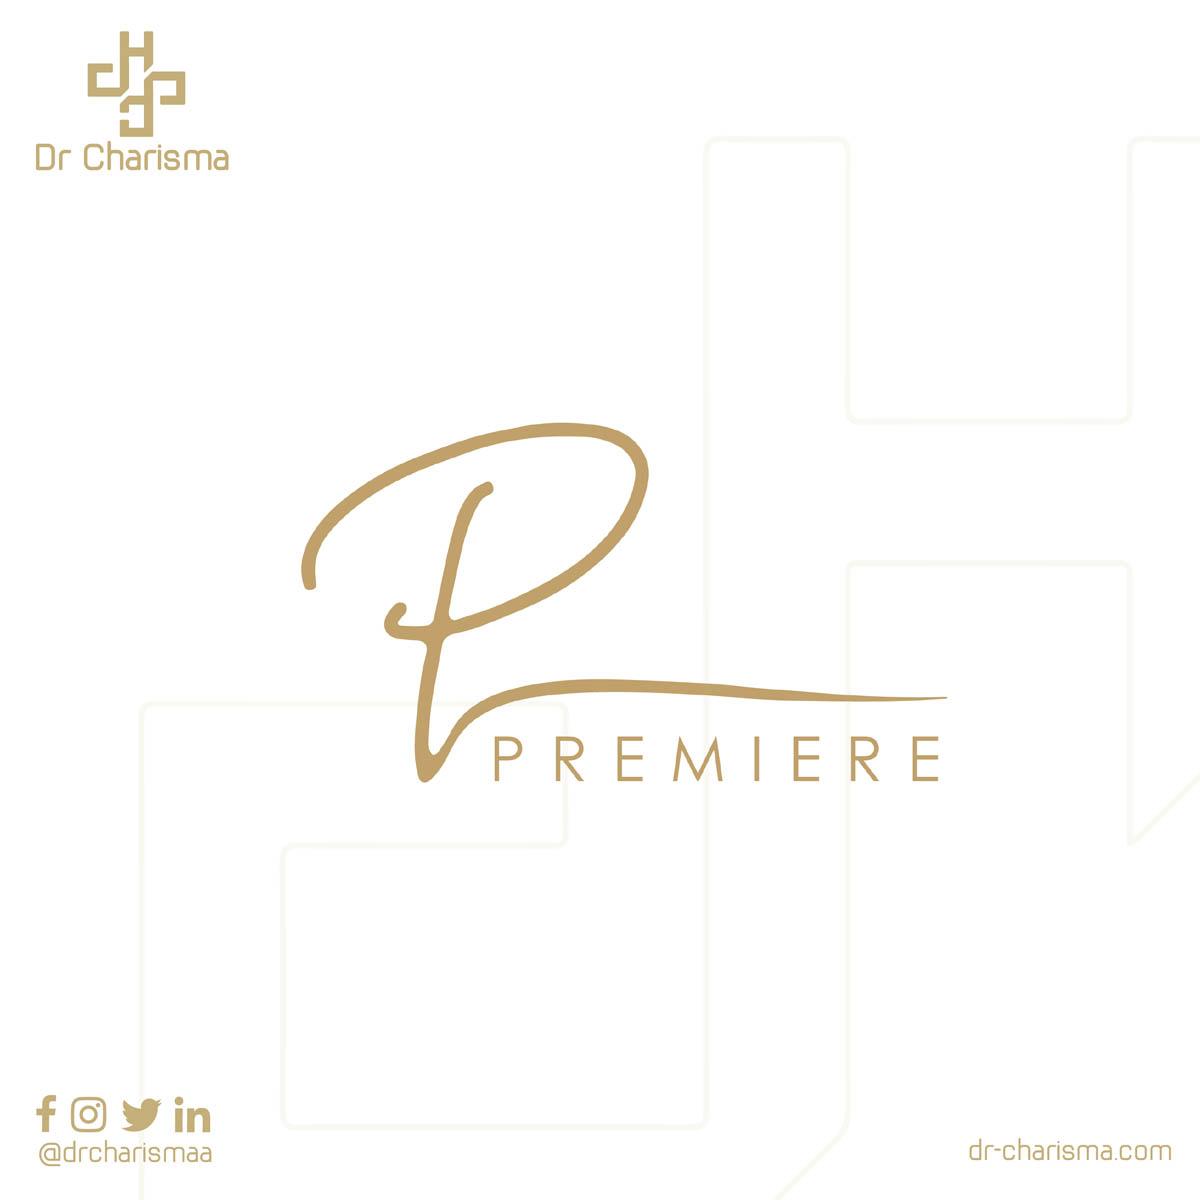 Premiere Clinic